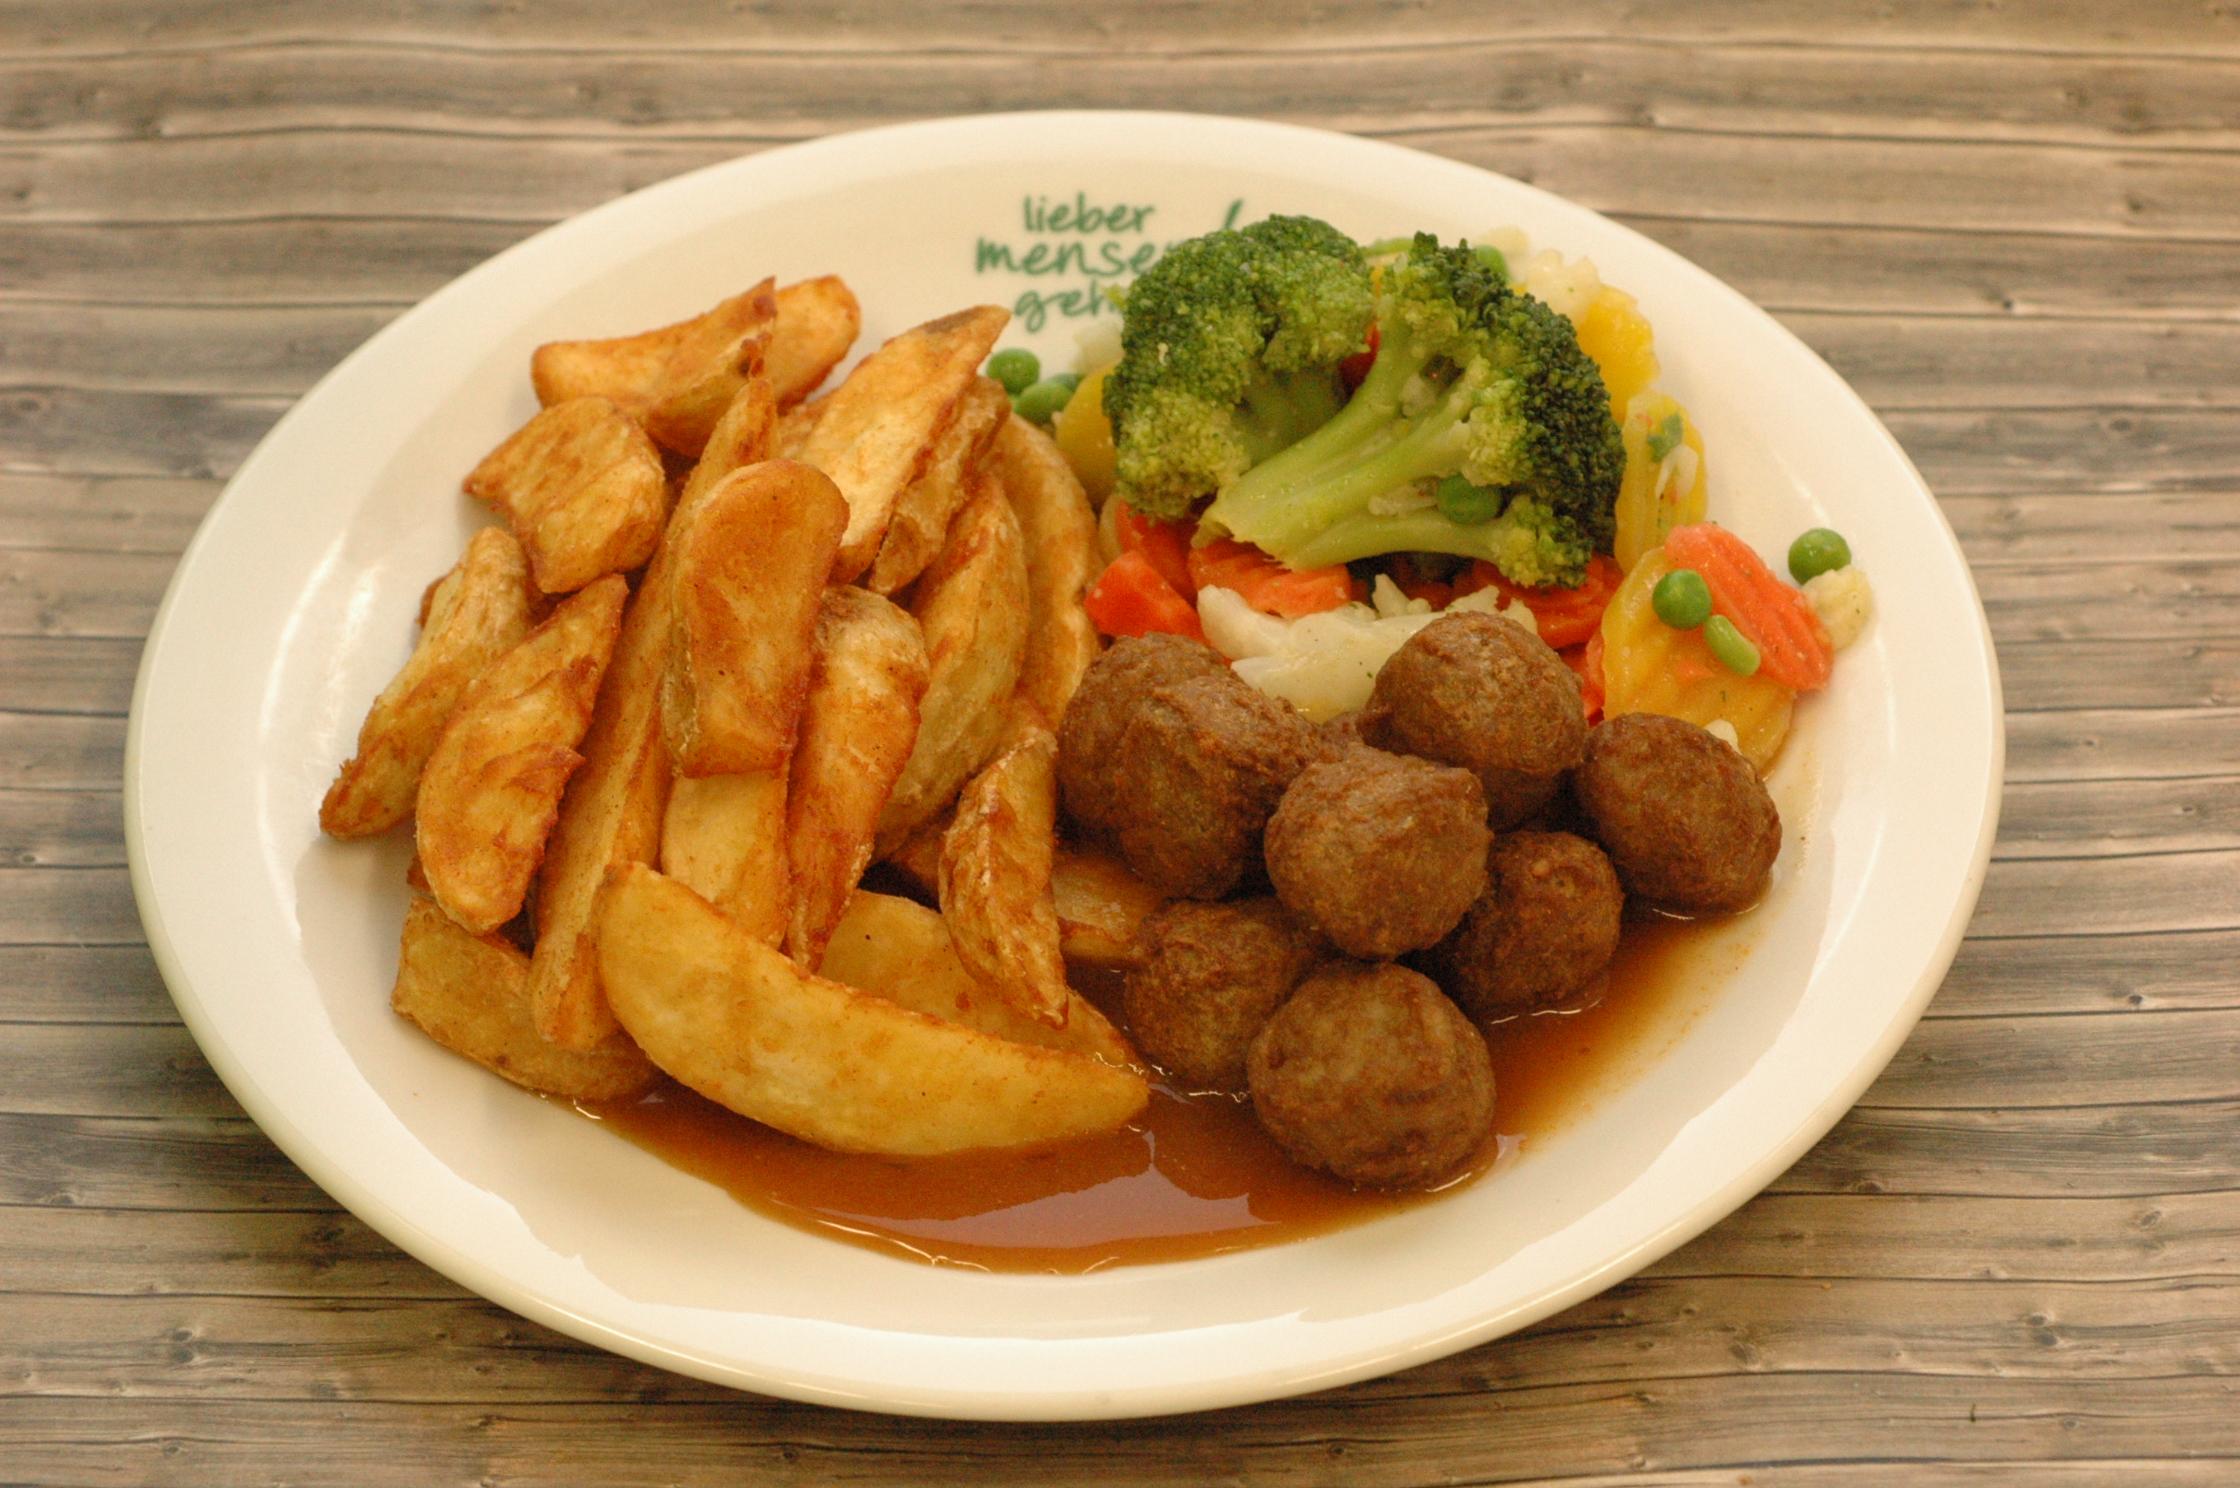 Schwedische Fleischbällchen mit Marktgemüse, Preiselbeersoße und Kartoffelecken